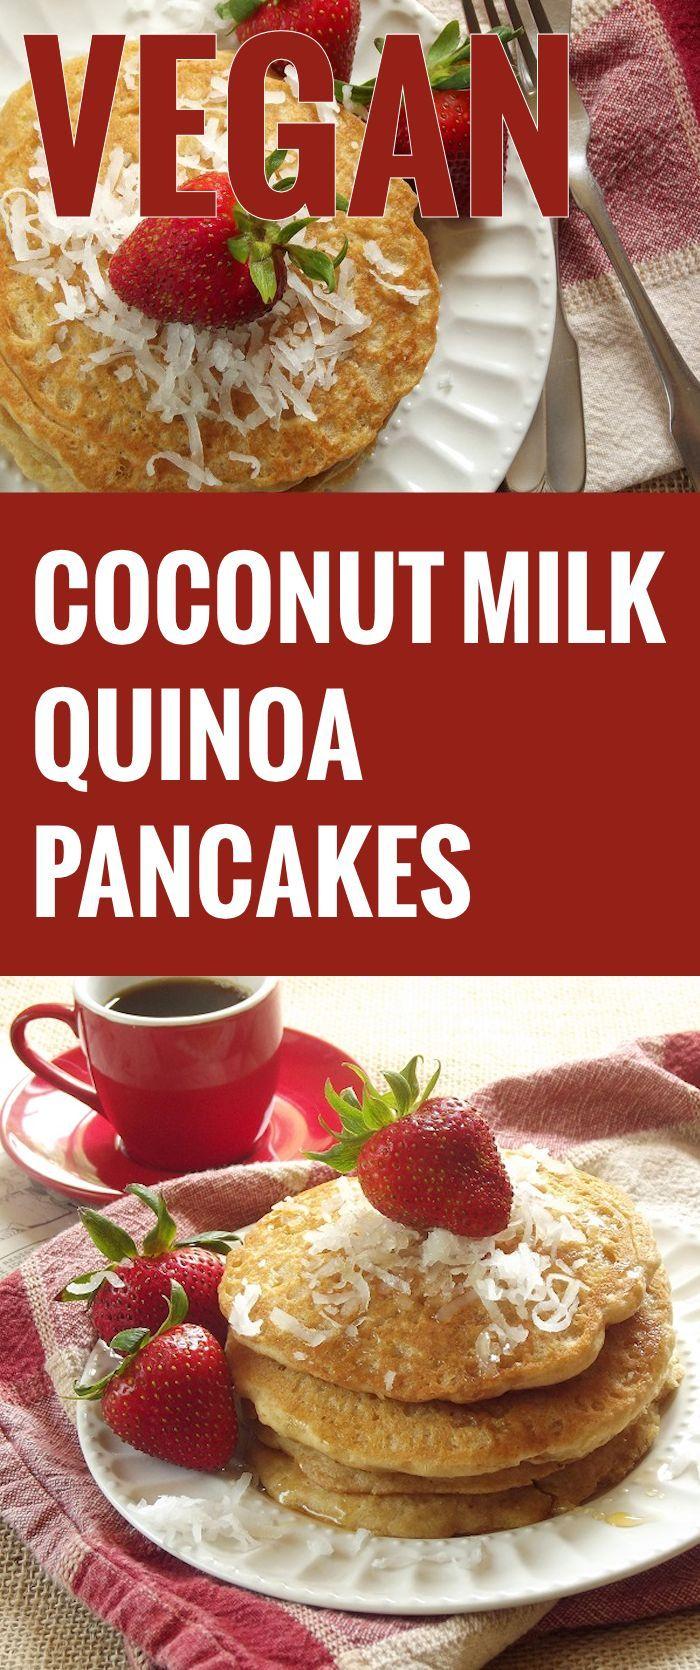 Vegan Coconut Milk Quinoa Pancakes